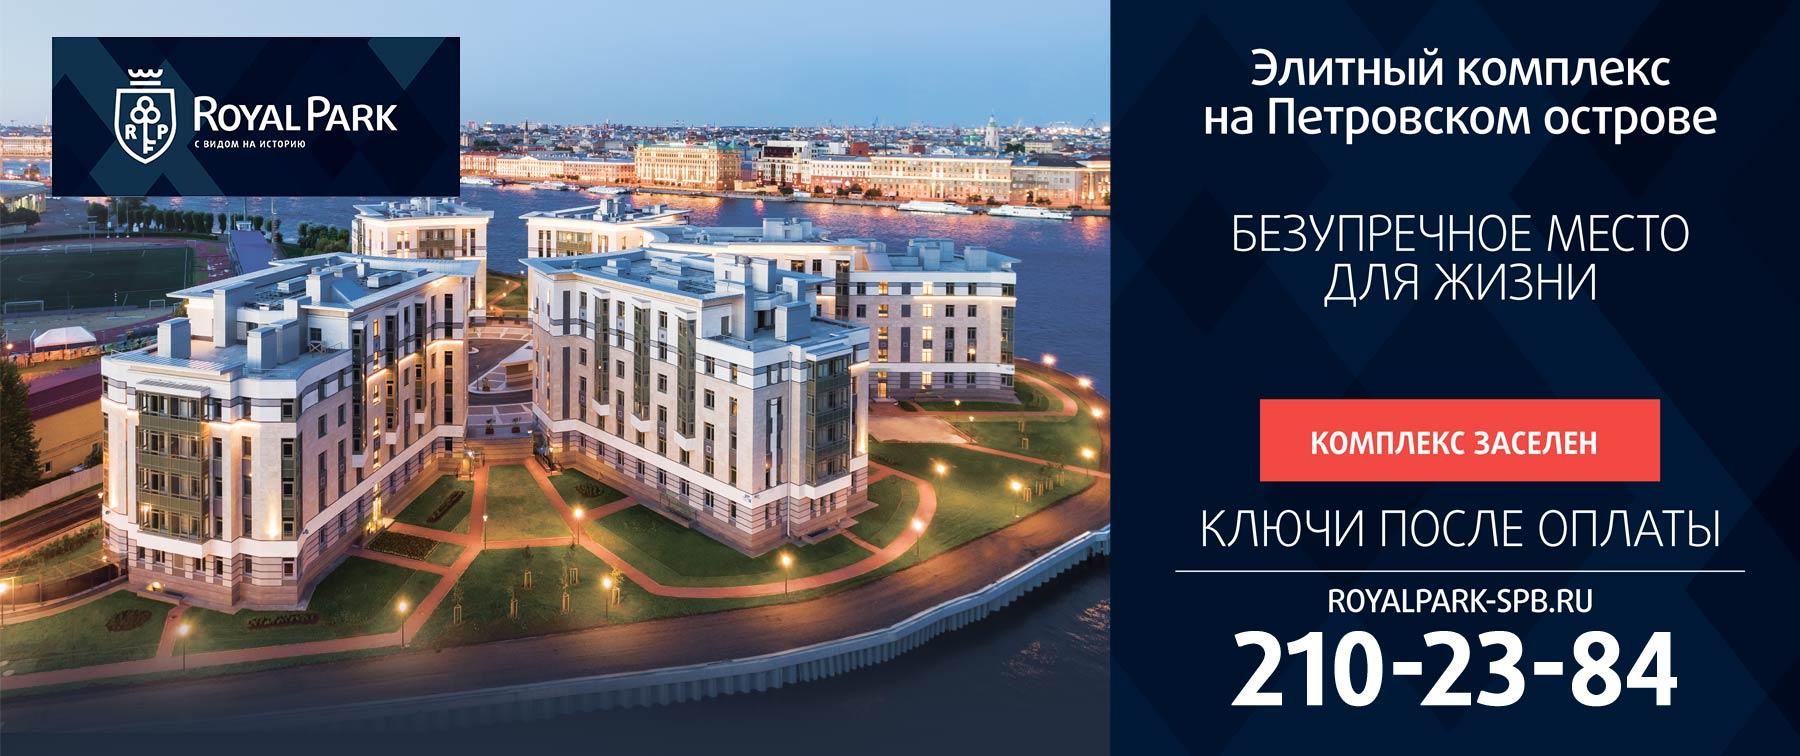 f5c2c89bdbc67 Элитная недвижимость в Санкт-Петербурге